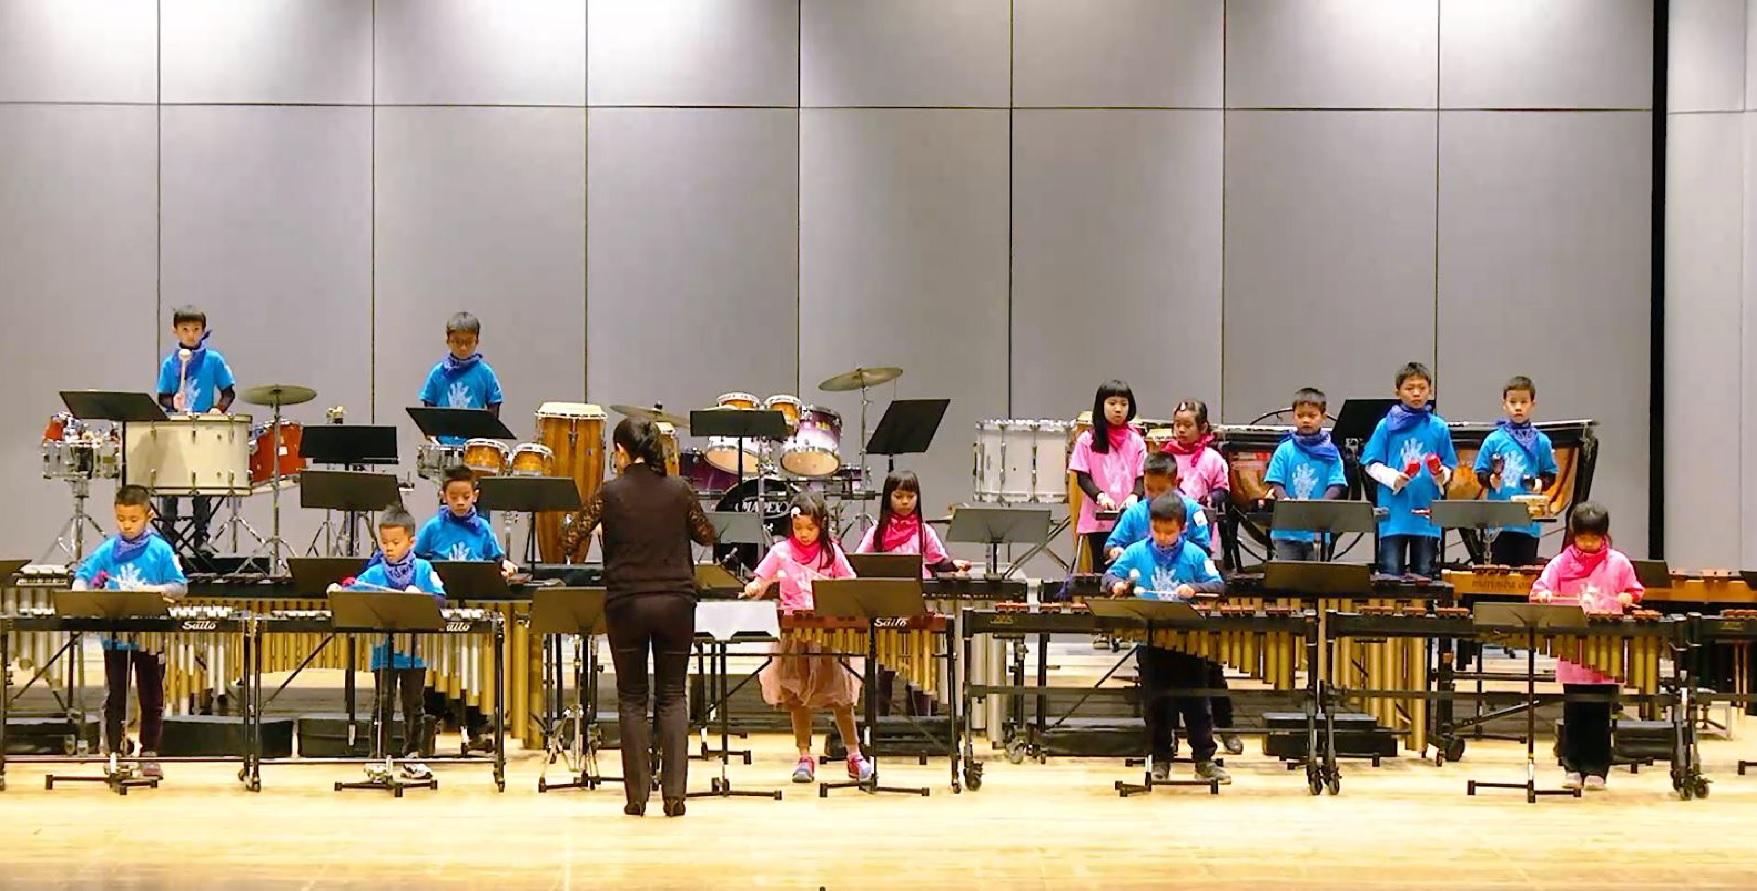 朱宗慶打擊樂台中文心教學中心2021年度音樂會※索票已額滿,感謝大家支持!※、共1張圖片